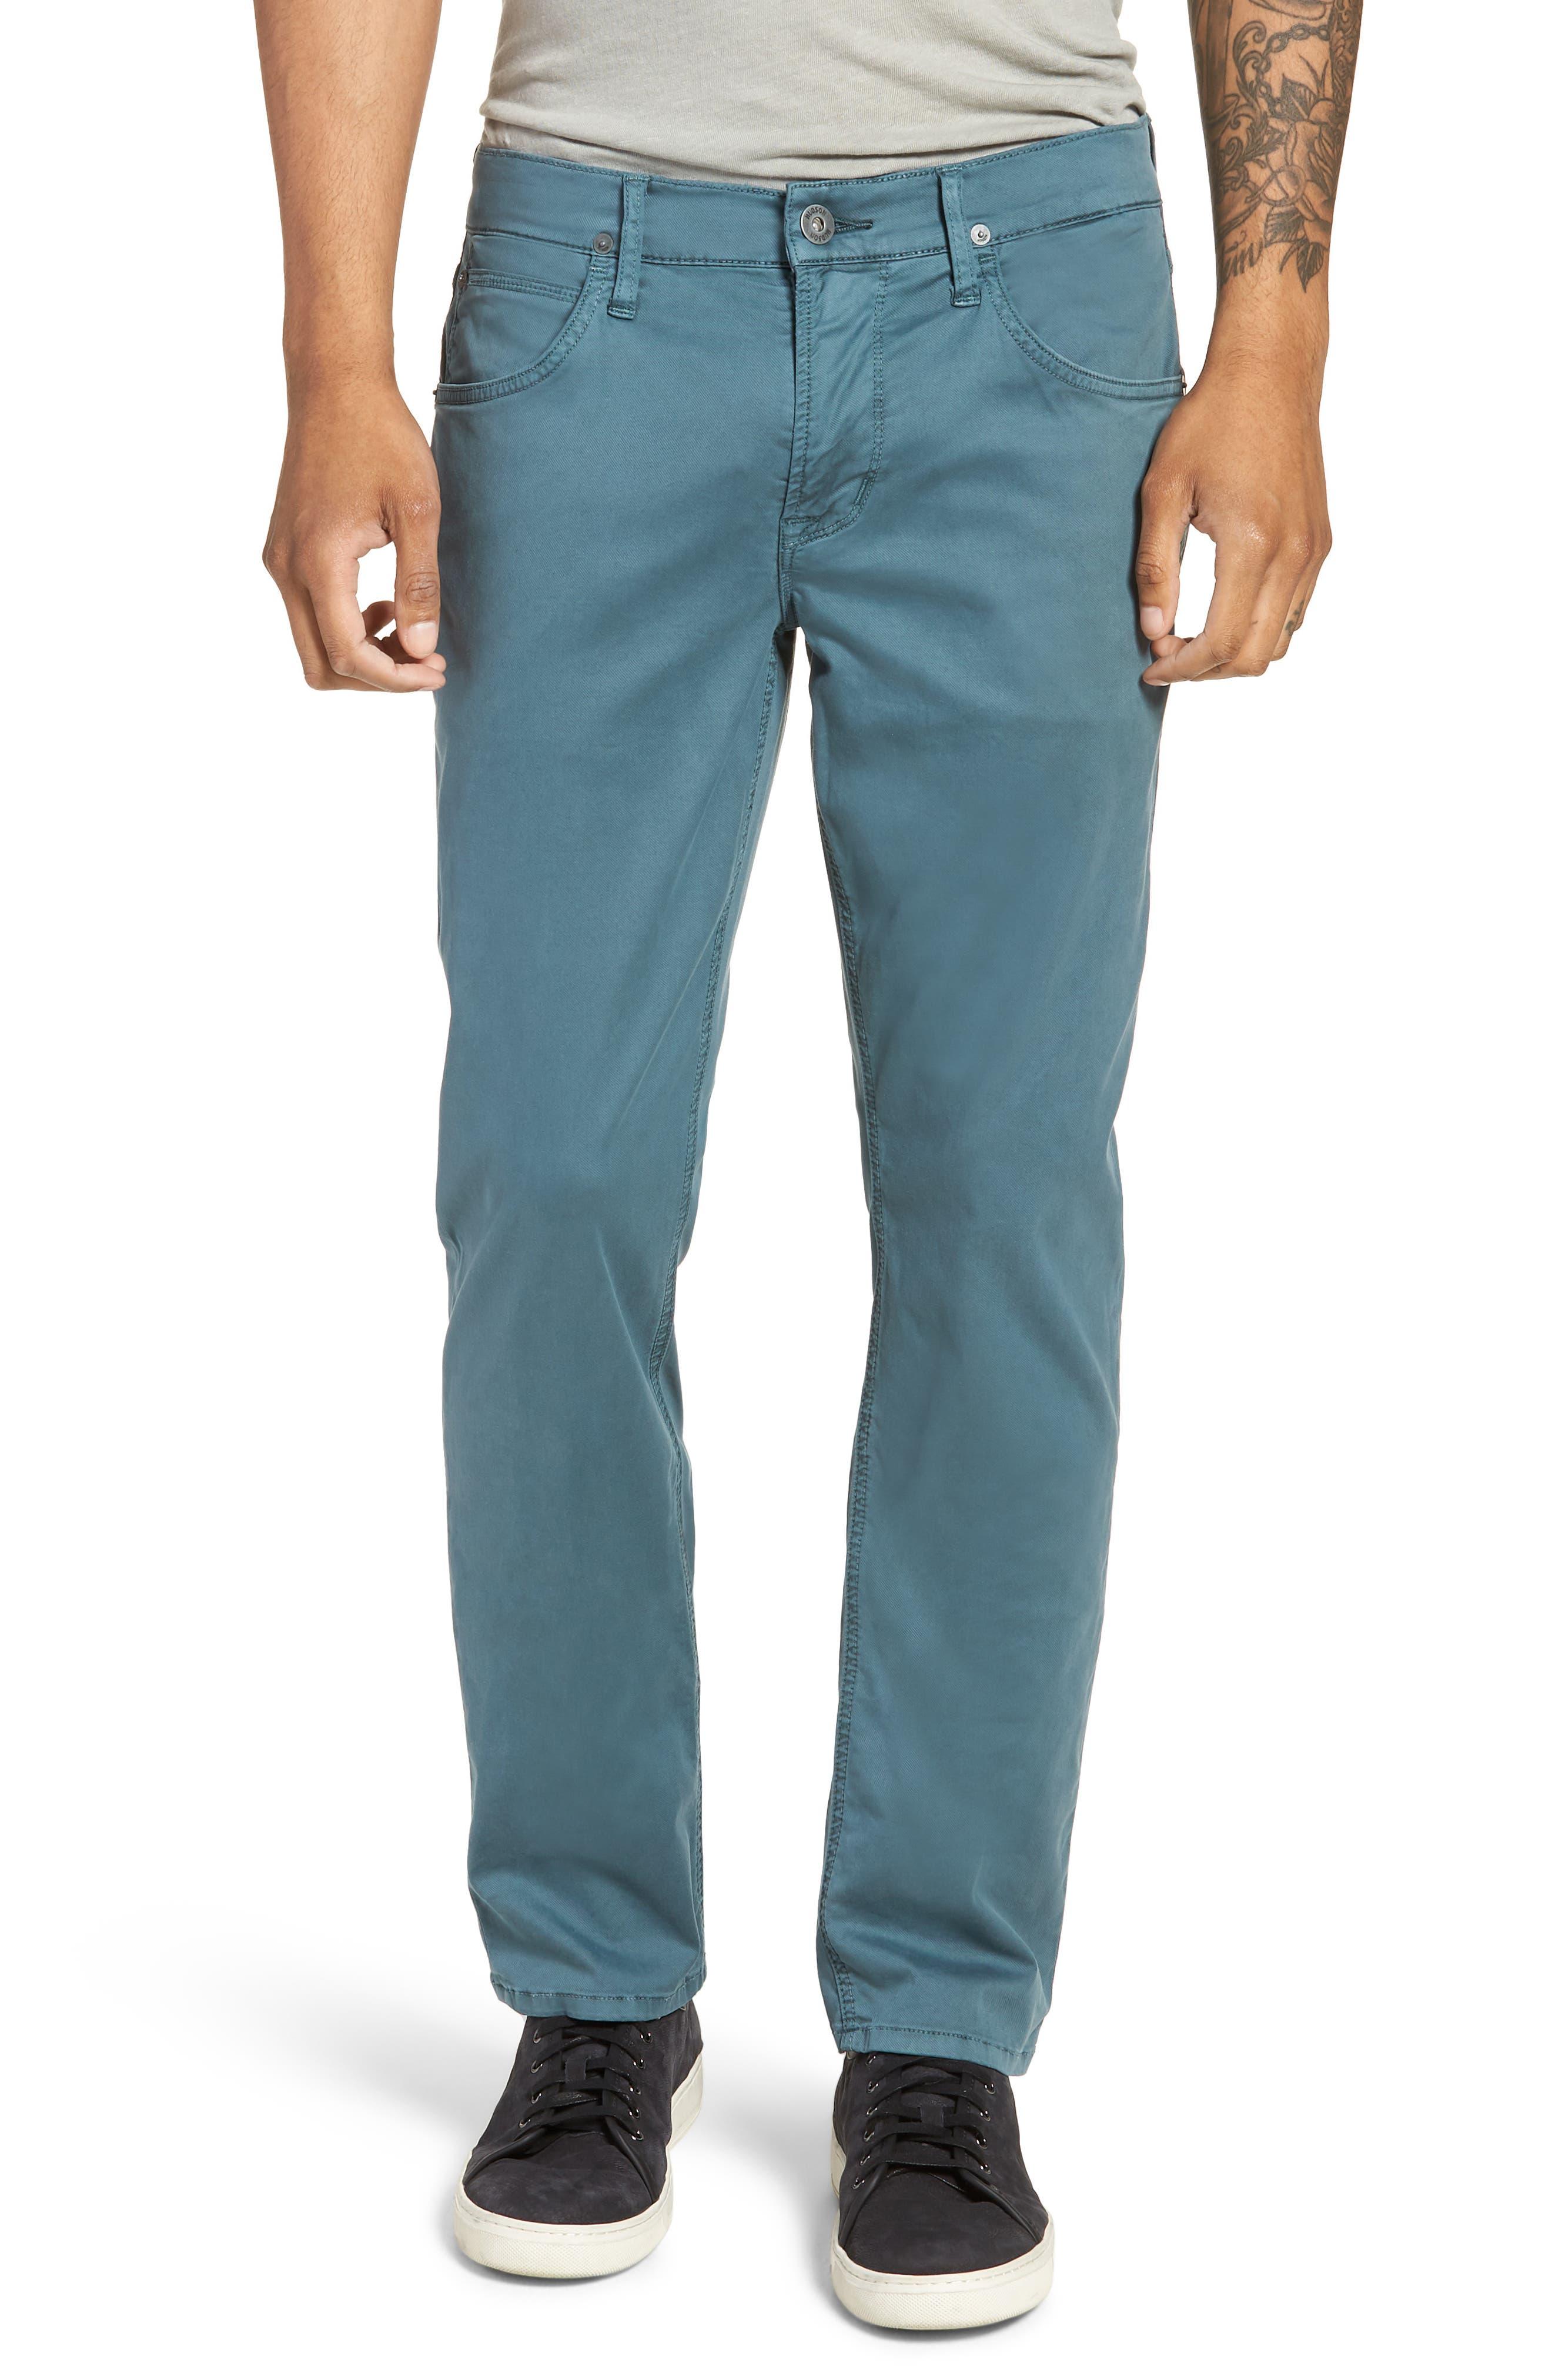 Blake Slim Fit Jeans,                             Main thumbnail 1, color,                             Ocean